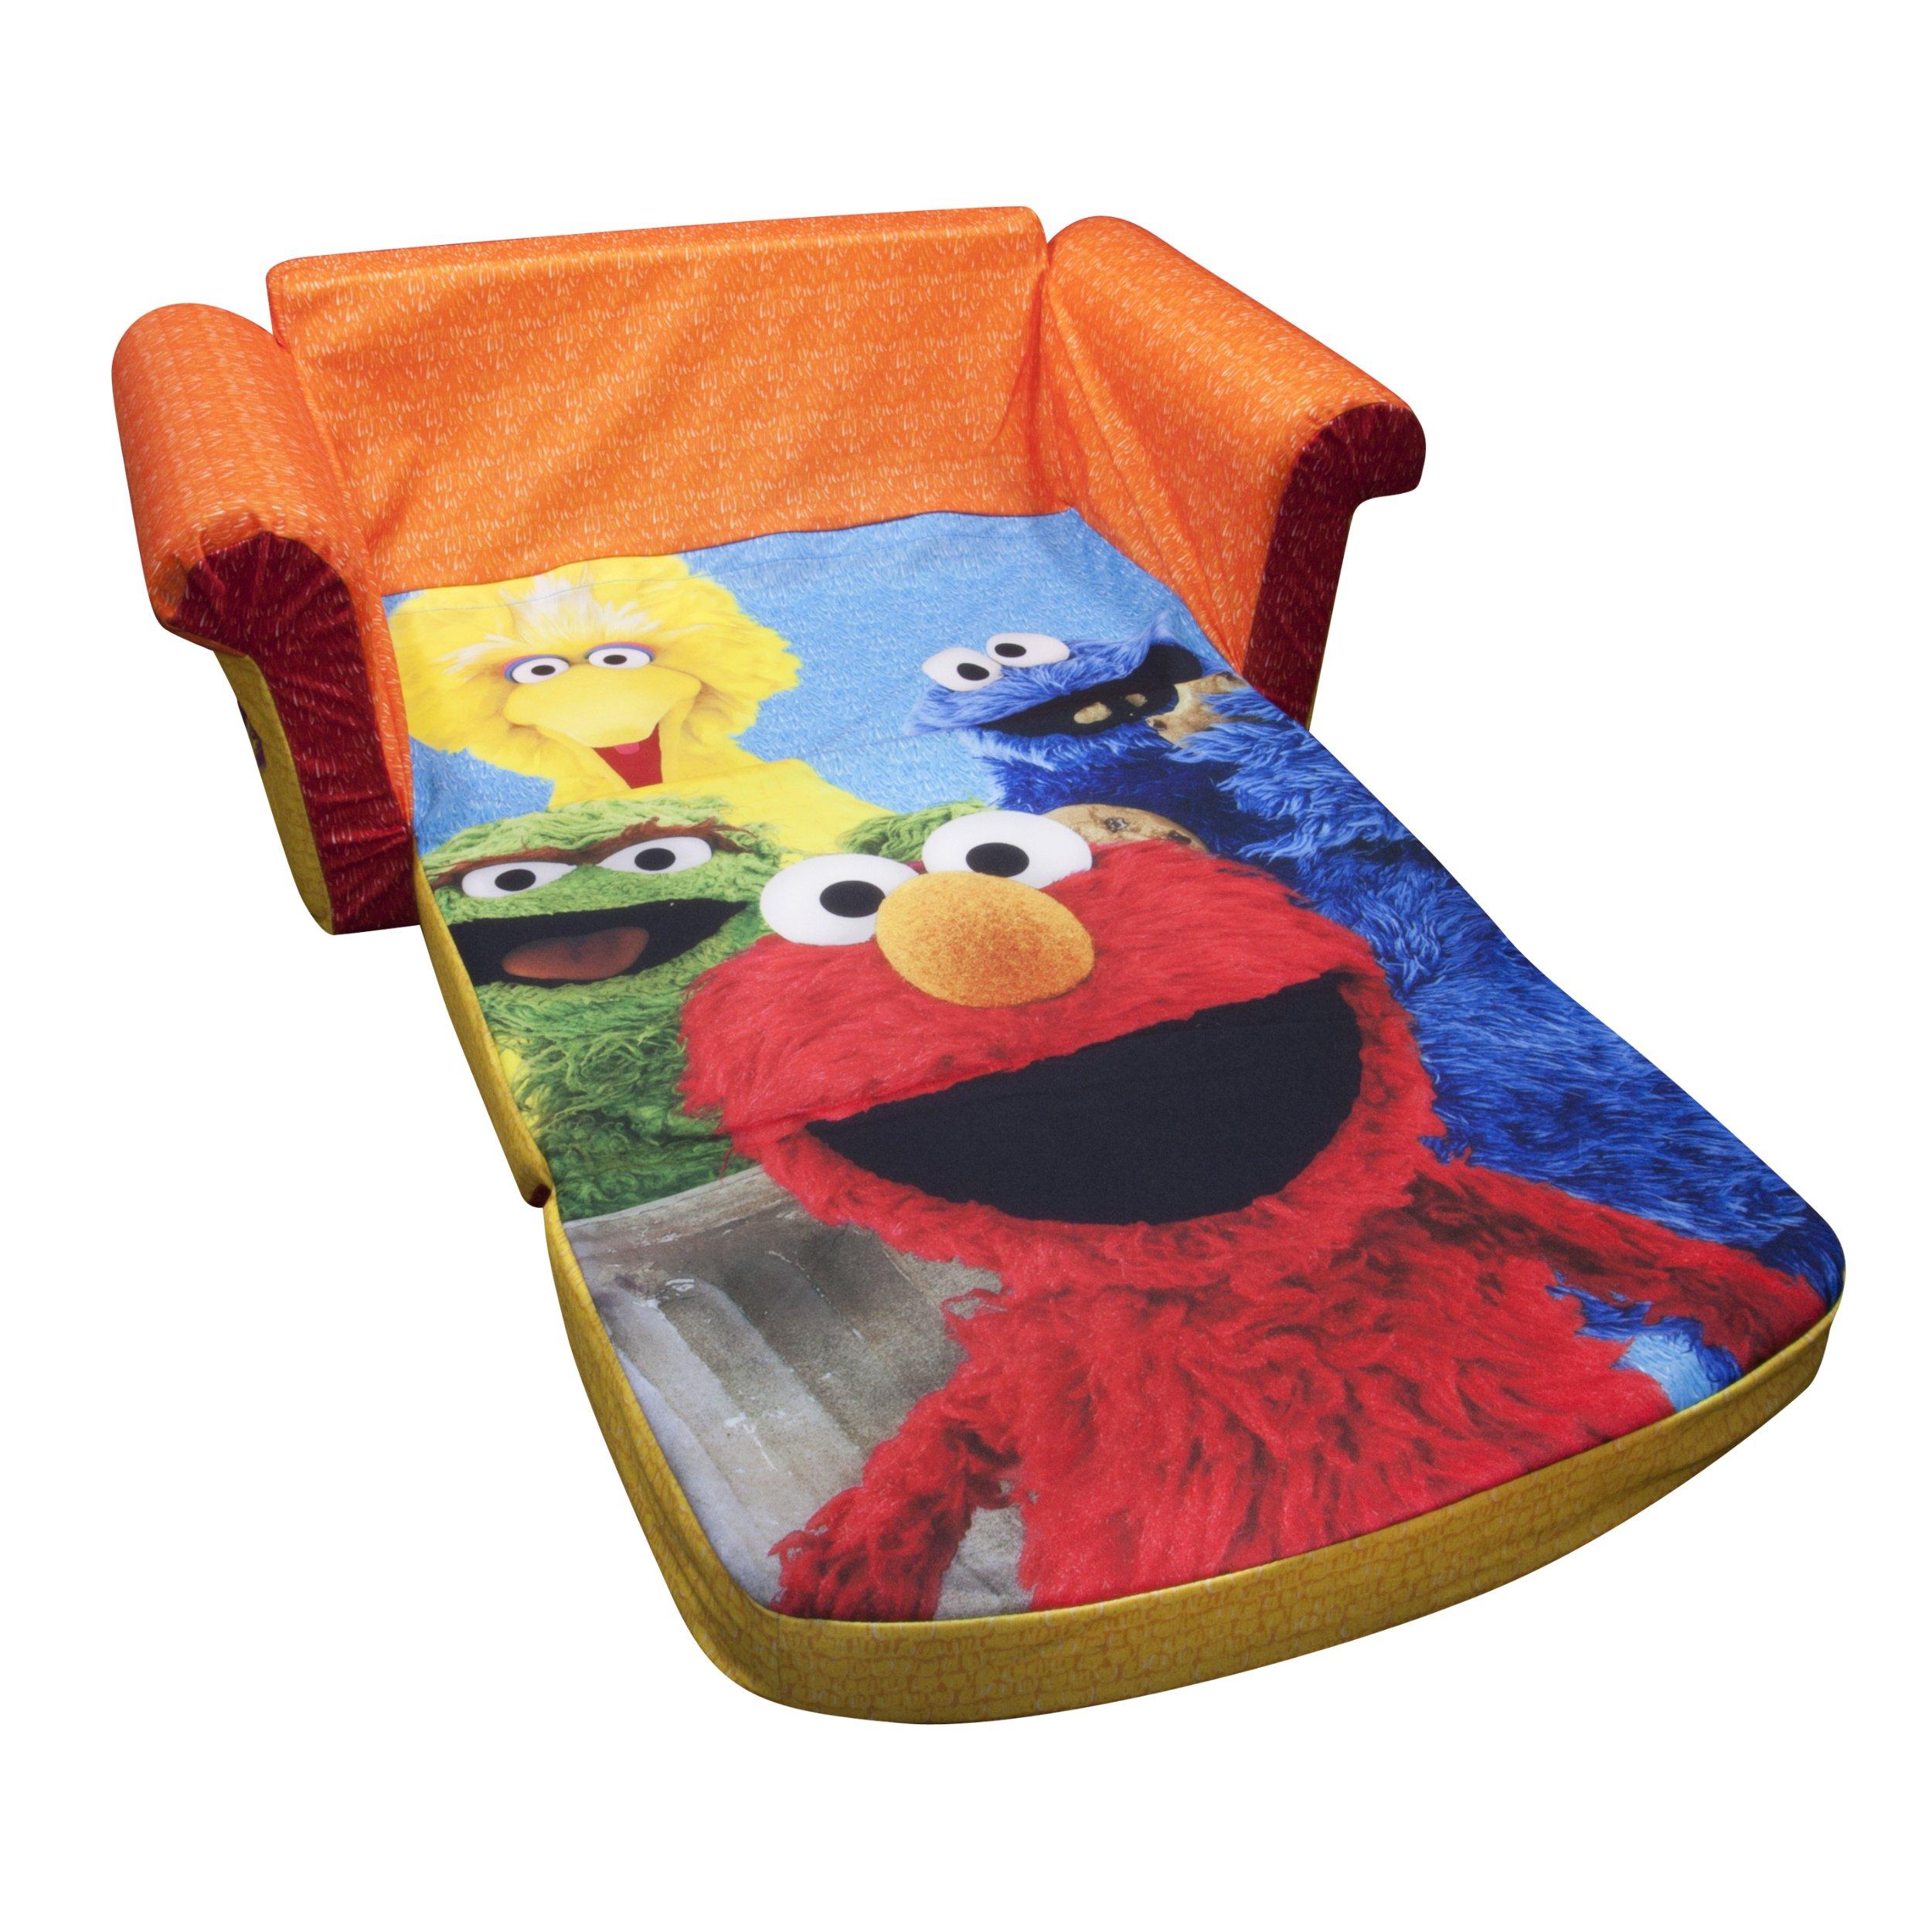 Marshmallow Furniture, Children's 2 in 1 Flip Open Foam Sofa, Sesame Street's Elmo/Sesame, by Spin Master by Marshmallow Furniture (Image #3)